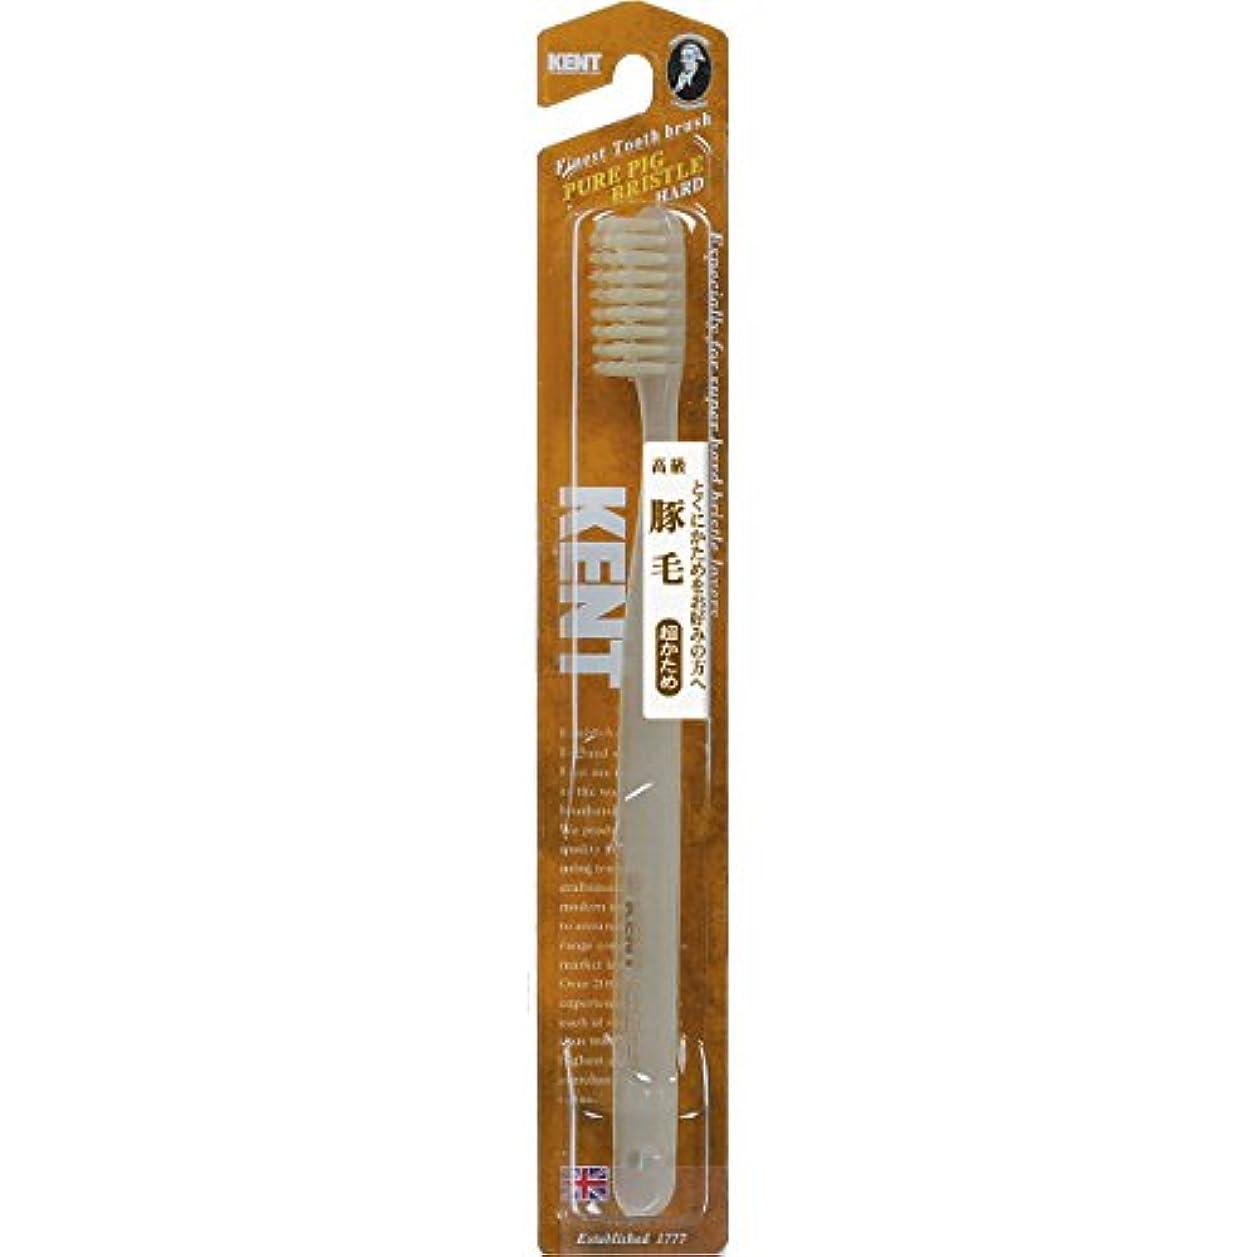 剥離ラッチ煩わしいKENT 豚毛歯ブラシ ラージヘッド 超かため KNT-2433 ×5個セット